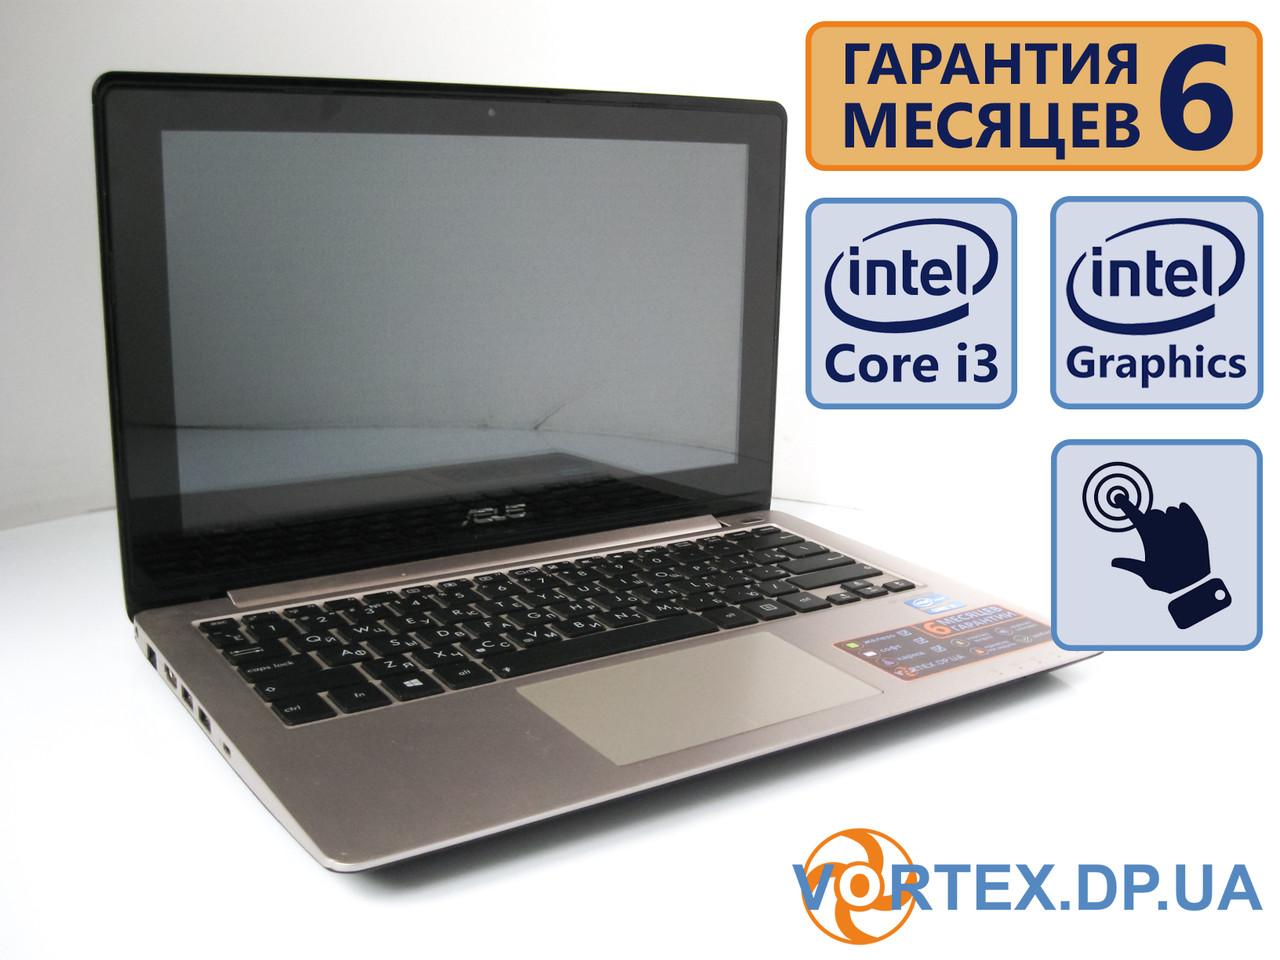 Сенсорный ультрабук Asus S200e 11.6 (1366x768) / Intel Core i3-3217U (